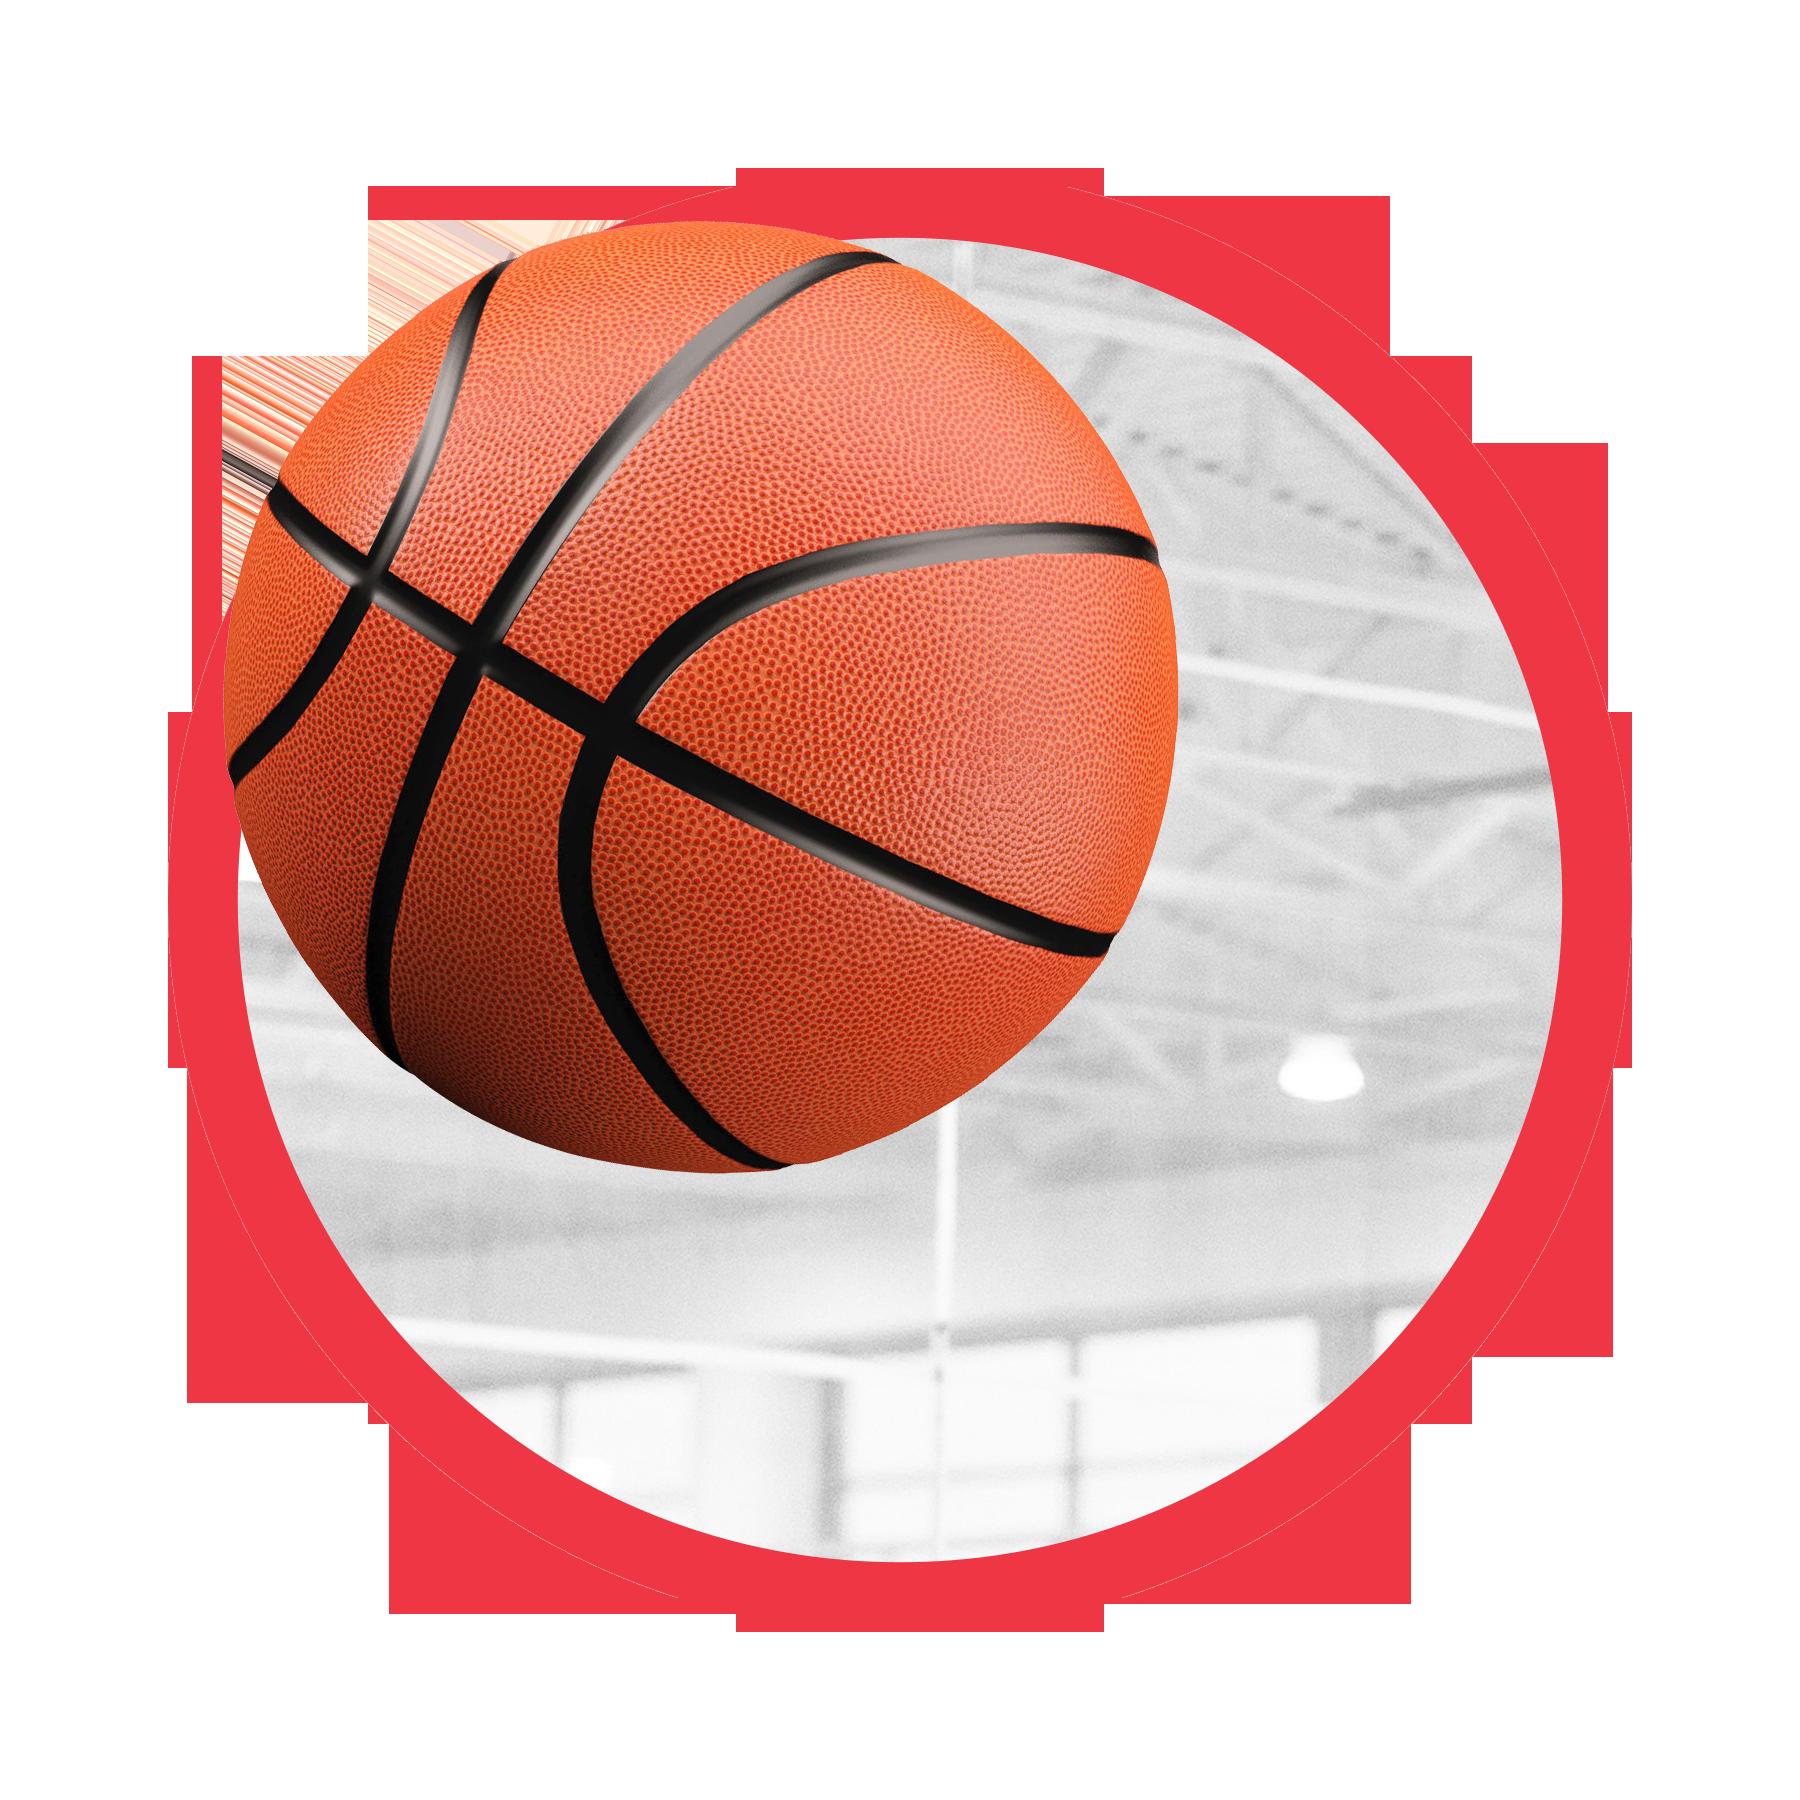 Basketball_Sport Image_v1.5_WSC.png